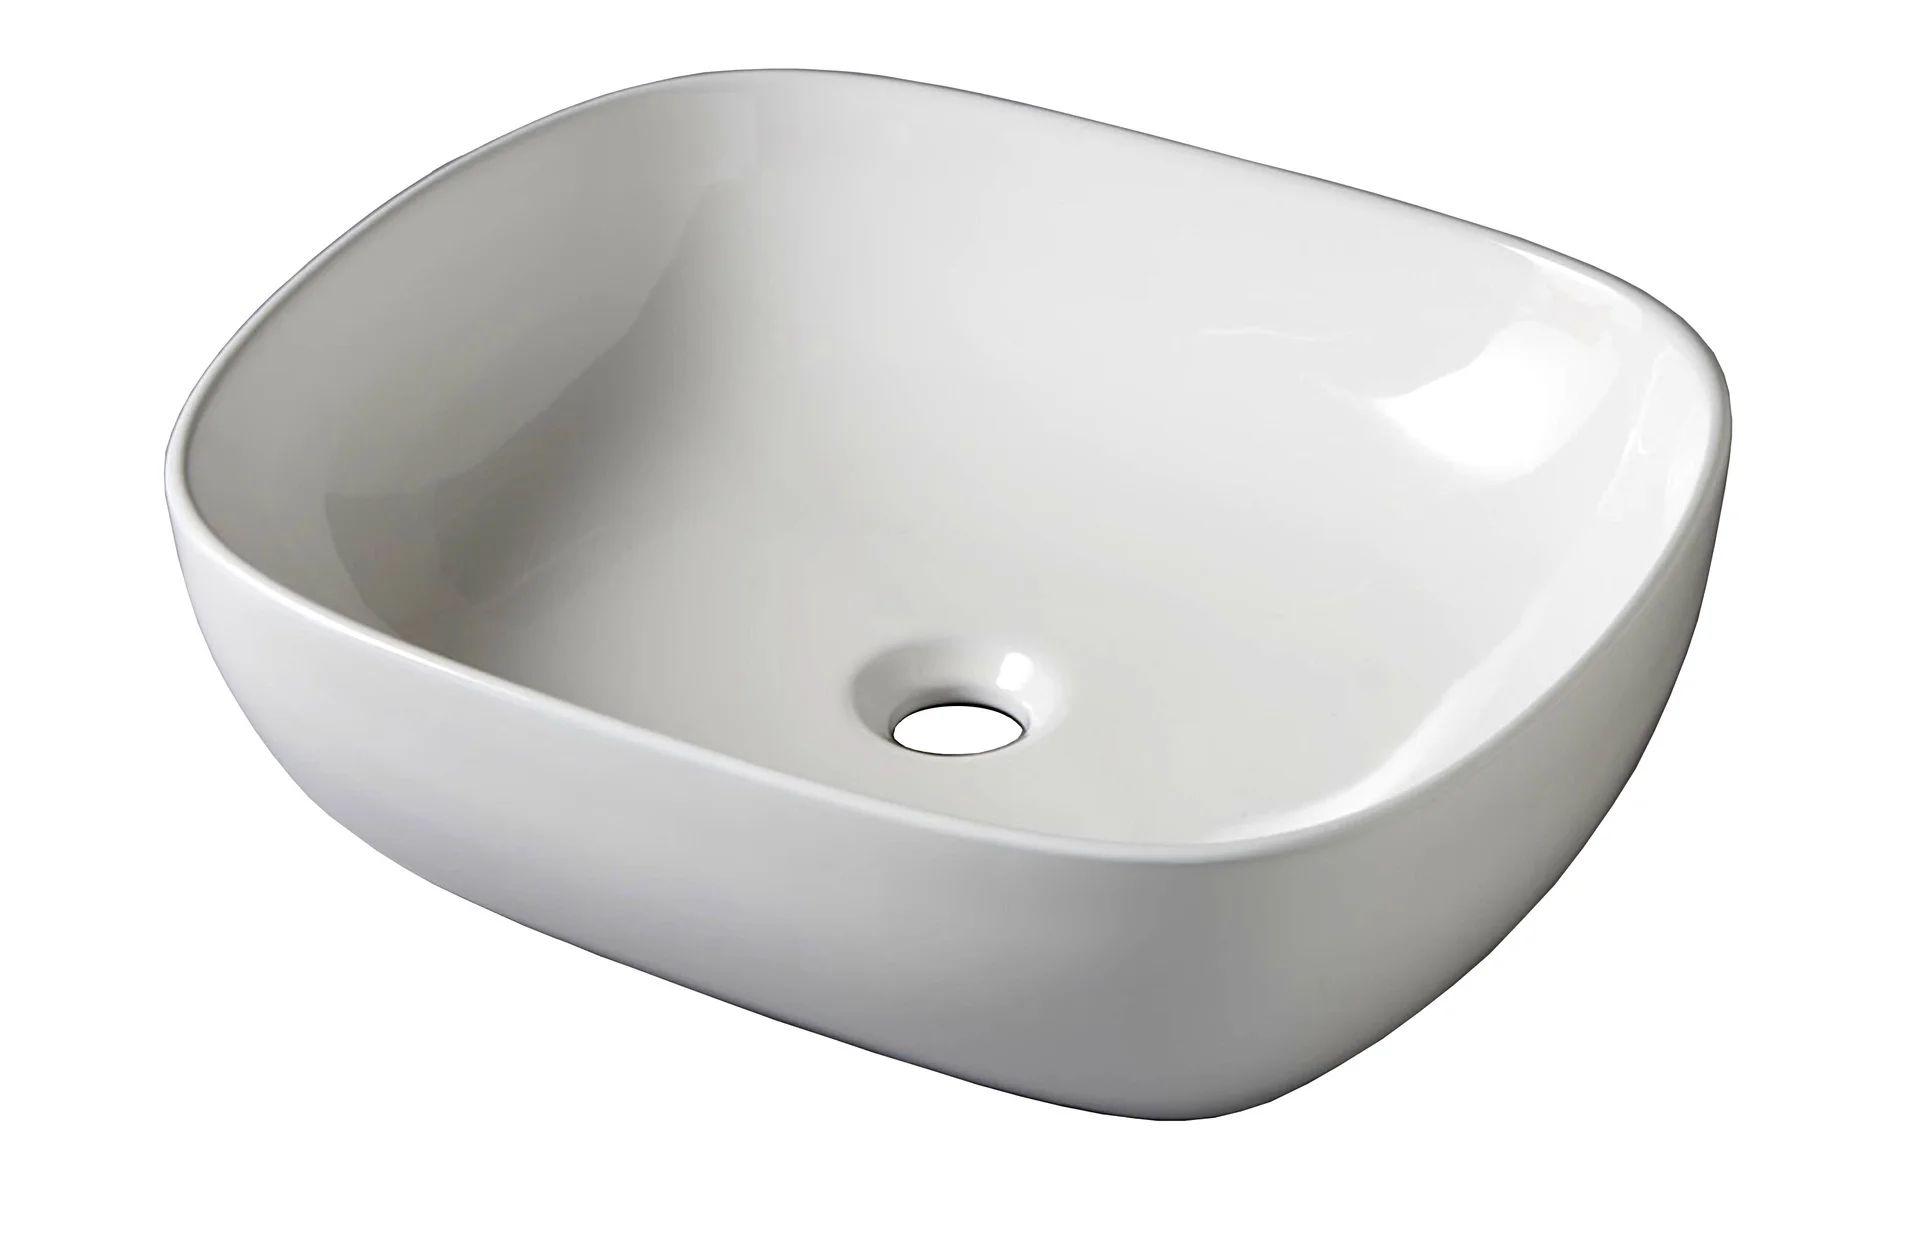 Vasque A Poser Ceramique L 49 5 X P 40 5 Cm Blanc Zelie Leroy Merlin